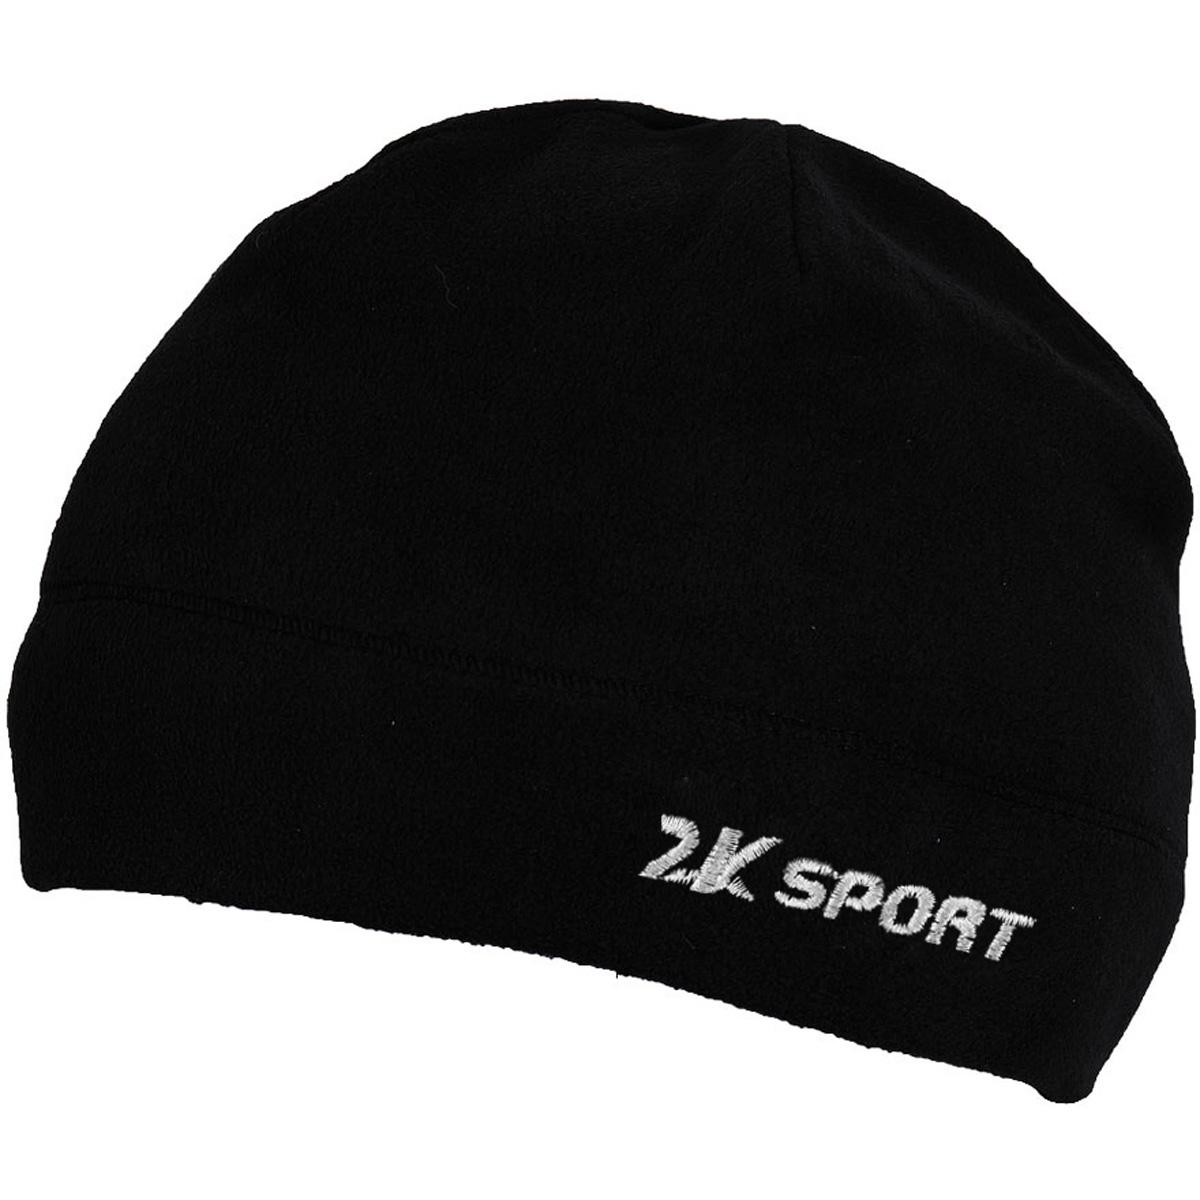 124033-2_blackТеплая флисовая шапка. Состав: Поларфлис (100% полиэстер).